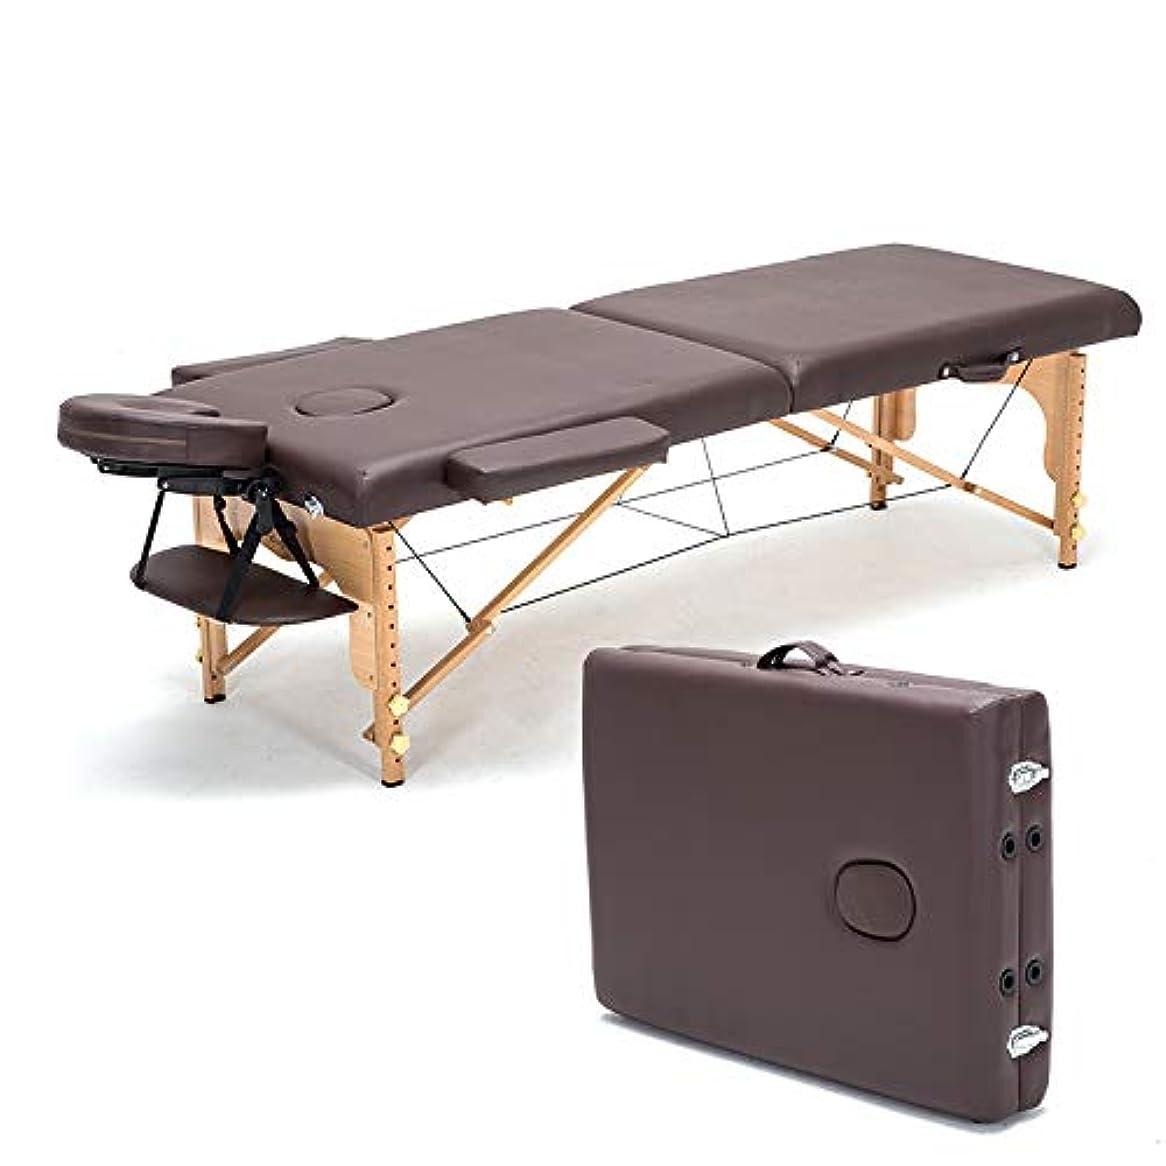 口述意識的伝染性60センチ幅プロフェッショナルスパマッサージテーブル折りたたみ式バッグ&枕&アームレストサロン家具木製折りたたみ美容ベッド